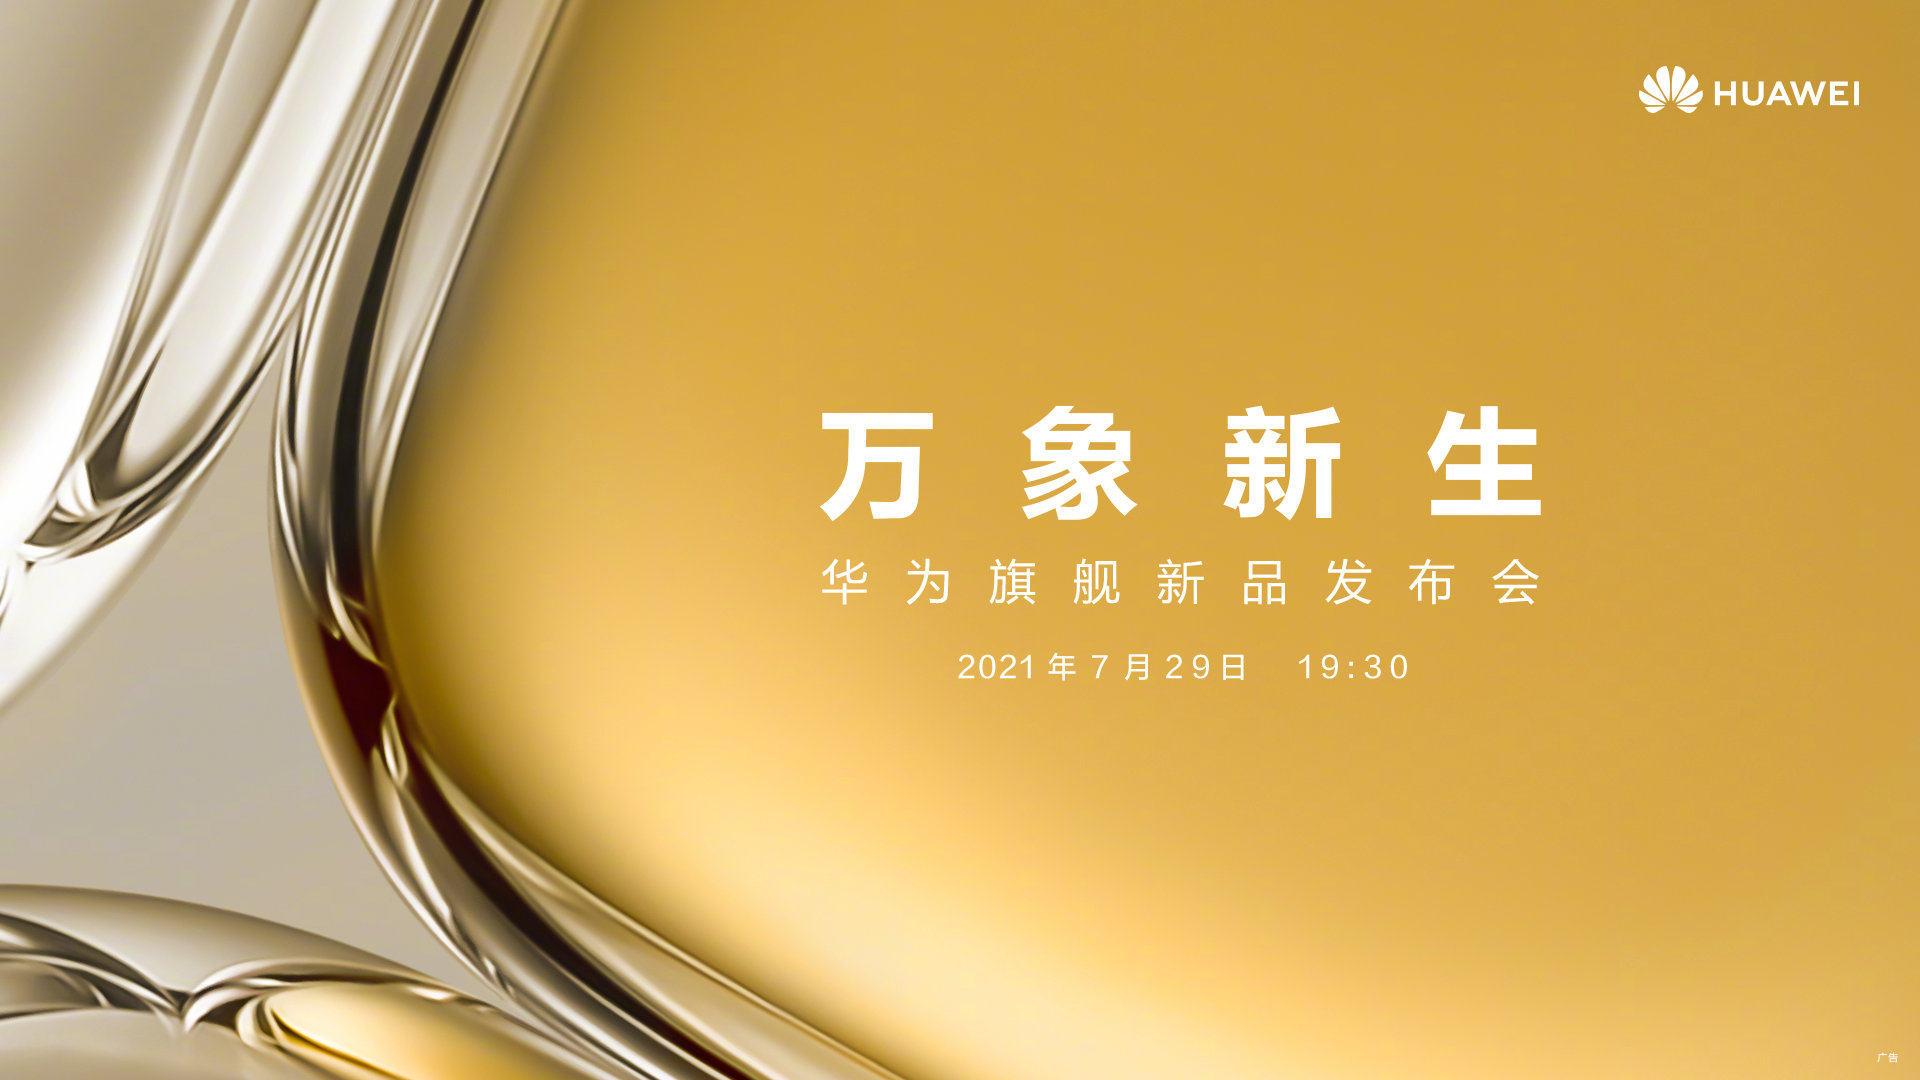 华为旗舰新品发布会7月29日举行 将发布多款华为智慧屏